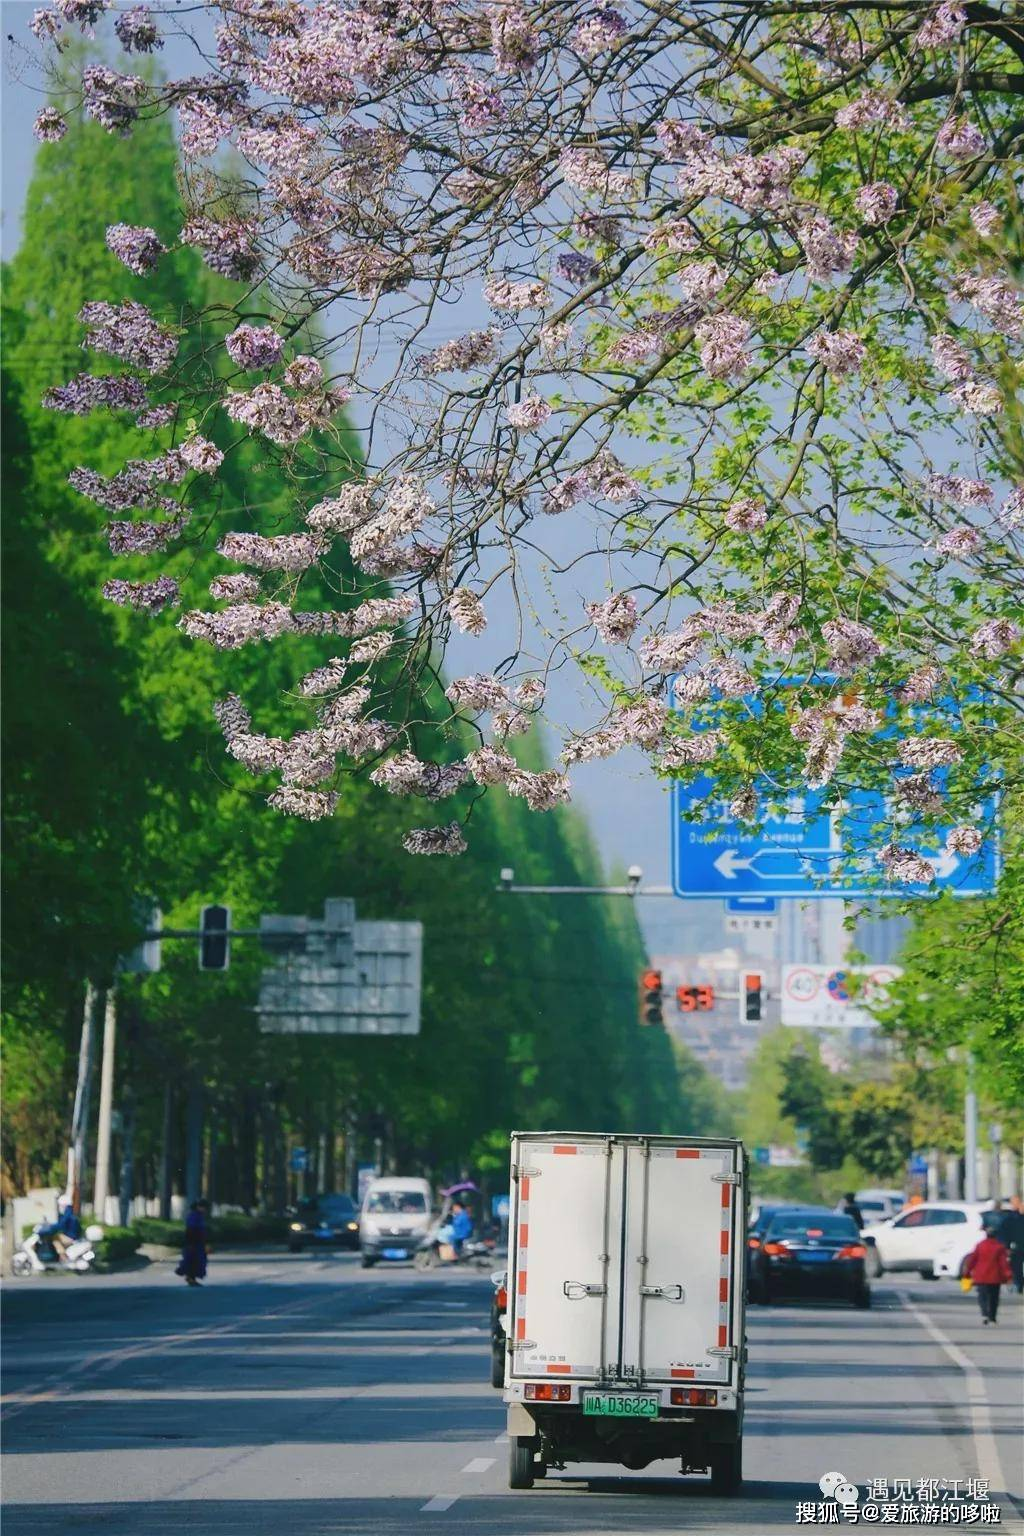 [四川五一赏花指南]蓝花楹、蔷薇花、杜鹃花,每一帧都美的惊叹